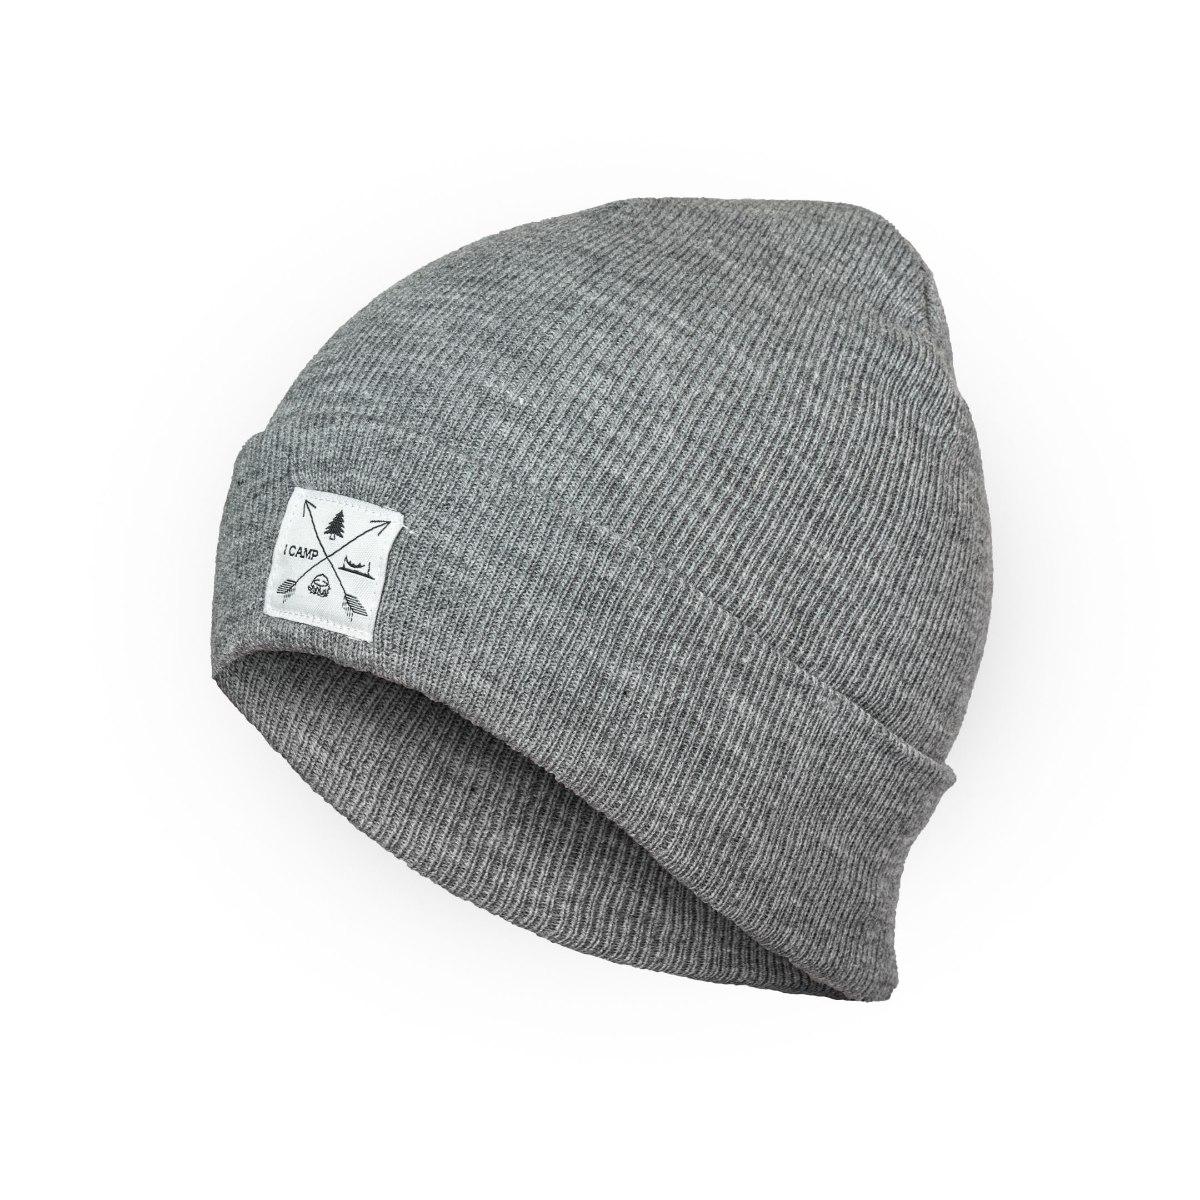 כובע חורף I CAMP - אפור